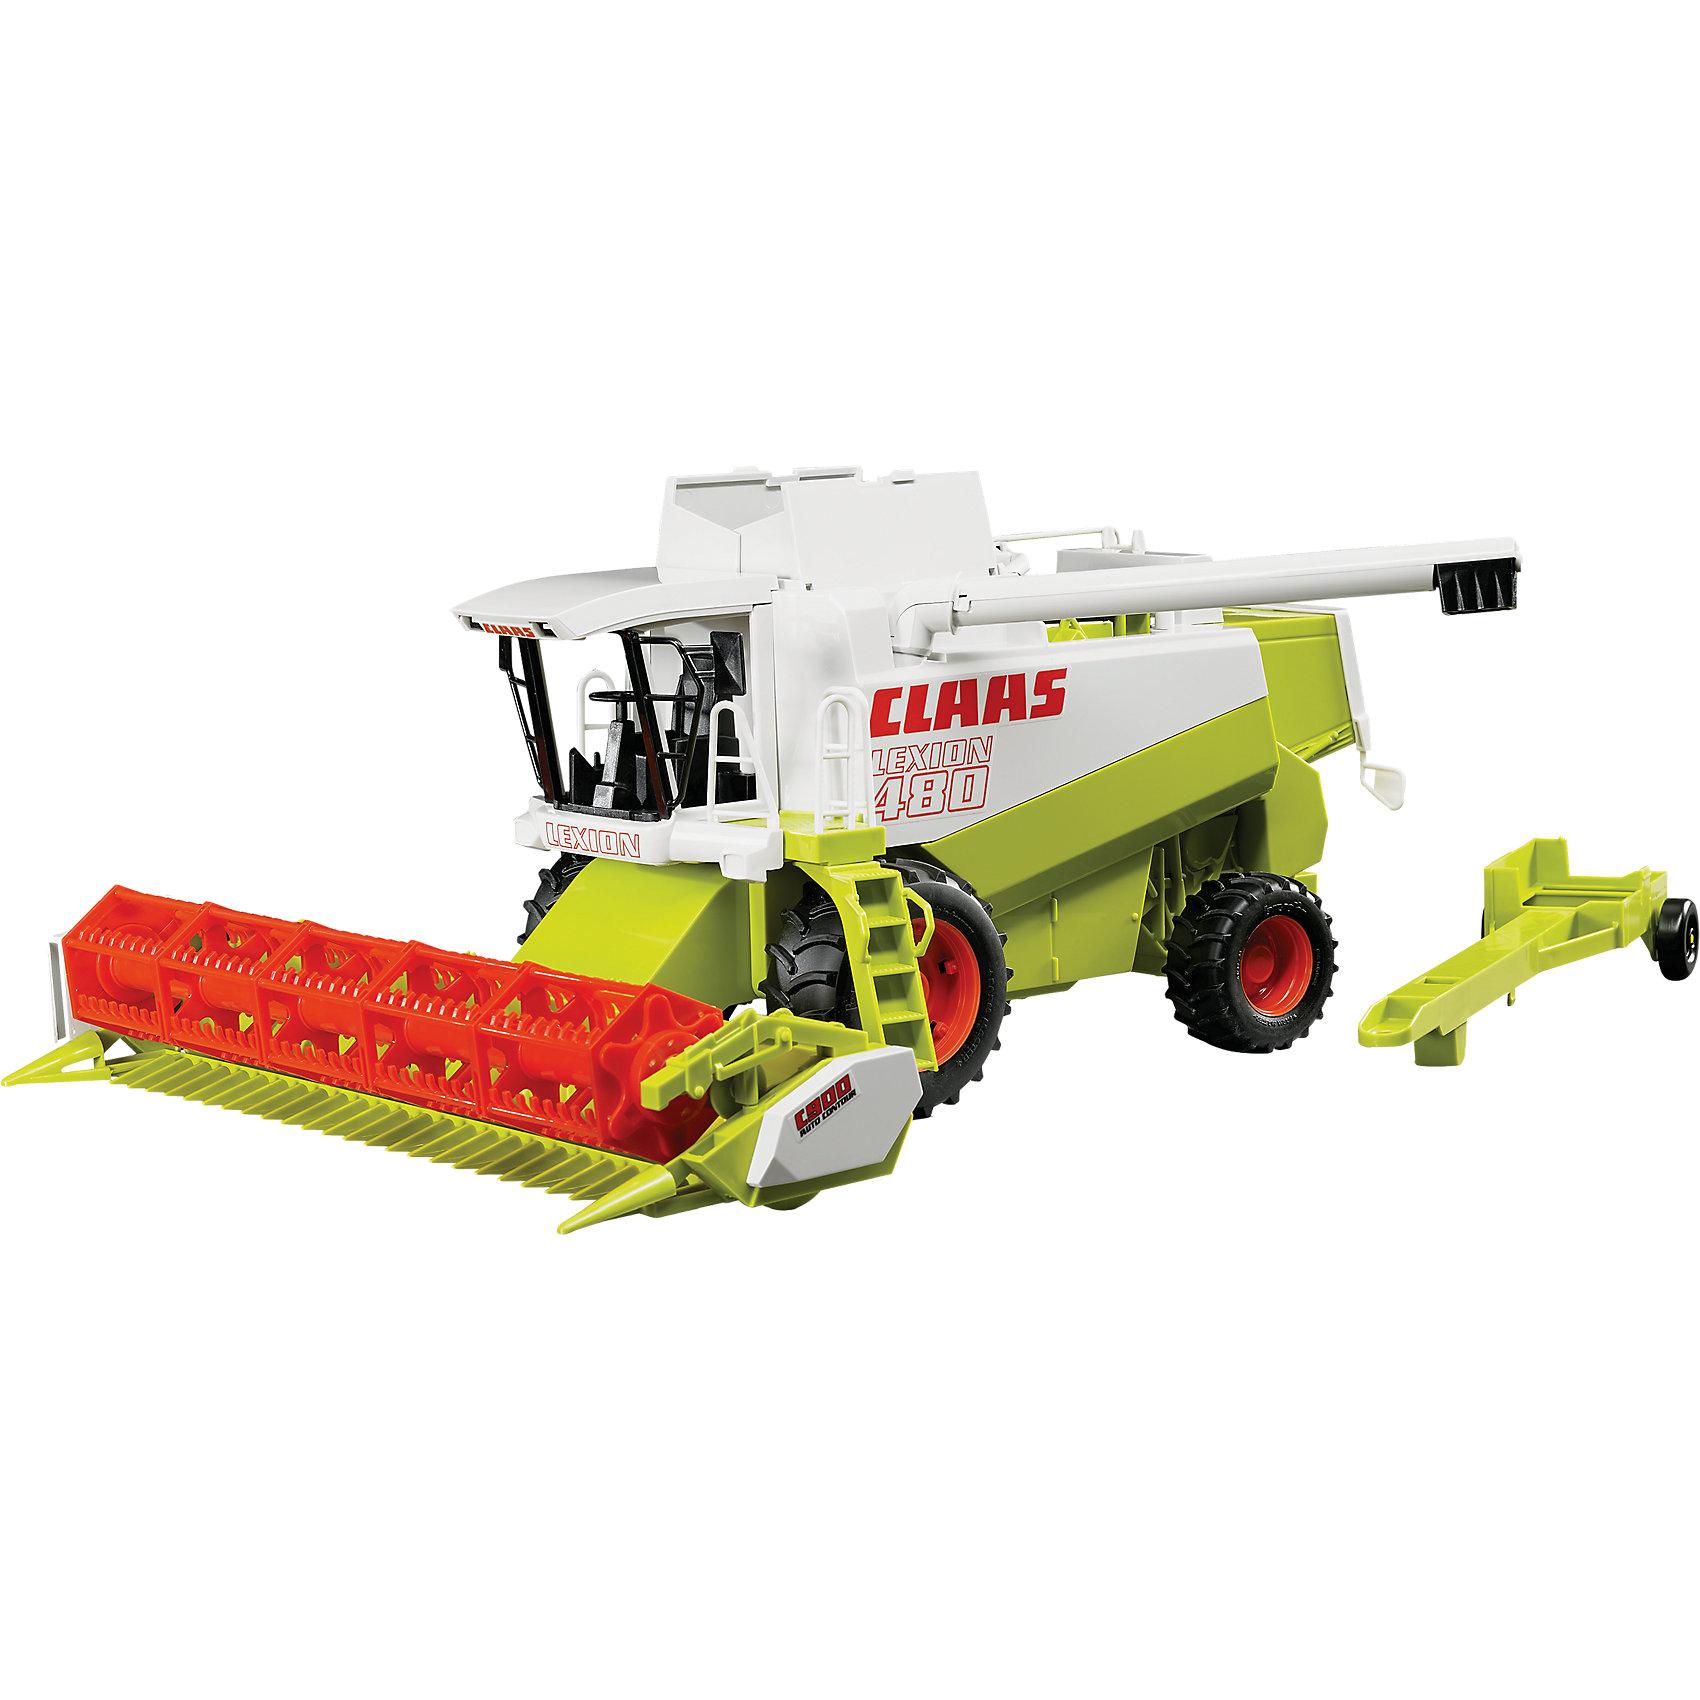 Комбайн Claas Lexion 480, BruderКоллекционные модели<br>Комбайн Claas Lexion 480<br>Эта машина из серии TOP PROFI SERIES – копия реальной техники в масштабе 1:16. Повторяет функции настоящей машины. Она – маленький представитель большого семейства сельскохозяйственных машин, выполняющих различные работы на поле – настоящий помощник фермера.<br><br>Техническая оснащенность:<br><br>- съемное устройство для косьбы; <br>- косилка имеет 2 положения: верхнее - для транспортировки, нижнее - для сборки урожая; <br>- во время движения комбайна в косилке вращается шнек и лопасти.<br>- труба зерноподатчика поворачивается чтобы ссыпать собранный урожай в грузовик; <br>- сверху открываются створки люка контейнера для семян и сдвигается панель, чтобы семена пересыпались в дозатор;<br>- дозатор опускается и семена попадают в землю (таким образом ребёнок может играть с песком); <br>- поднимается фильтр воздухозаборника;<br>- подножка со ступеньками поворачивается;<br>- точная копия протектора шин;<br>- поставляется с прицепом для буксировки.<br><br>Превосходная игрушка для сюжетно-ролевых игр, где ребёнок знакомится с реальной техникой – мощными профессиональными автомобилями, узнаёт особенности их строения и способы использования. Увлекательная сюжетно-ролевая игра не только развлекает ребёнка, но и вырабатывает такие практические качества, как ловкость и слаженность движений рук, сноровку и координацию, развивает мелкую моторику пальцев рук, приглашает подвигаться и пофантазировать.<br><br>Крайне важно качественное исполнение игрушки (прочность, устойчивость, грузоподъёмность и т.д.) – соответствует европейским нормам безопасности для игрушек и американским потребительским стандартам, производится только в Германии.<br><br>Размер игрушки: 45 x 22 x 37 cm.<br><br>Материал высококачественная пластмасса, металл. <br><br>Комбайн Claas Lexion 480, Bruder (Брудер) можно купить в нашем магазине<br><br>Ширина мм: 378<br>Глубина мм: 259<br>Высота мм: 198<br>Вес г: 1226<br>Возраст от месяц